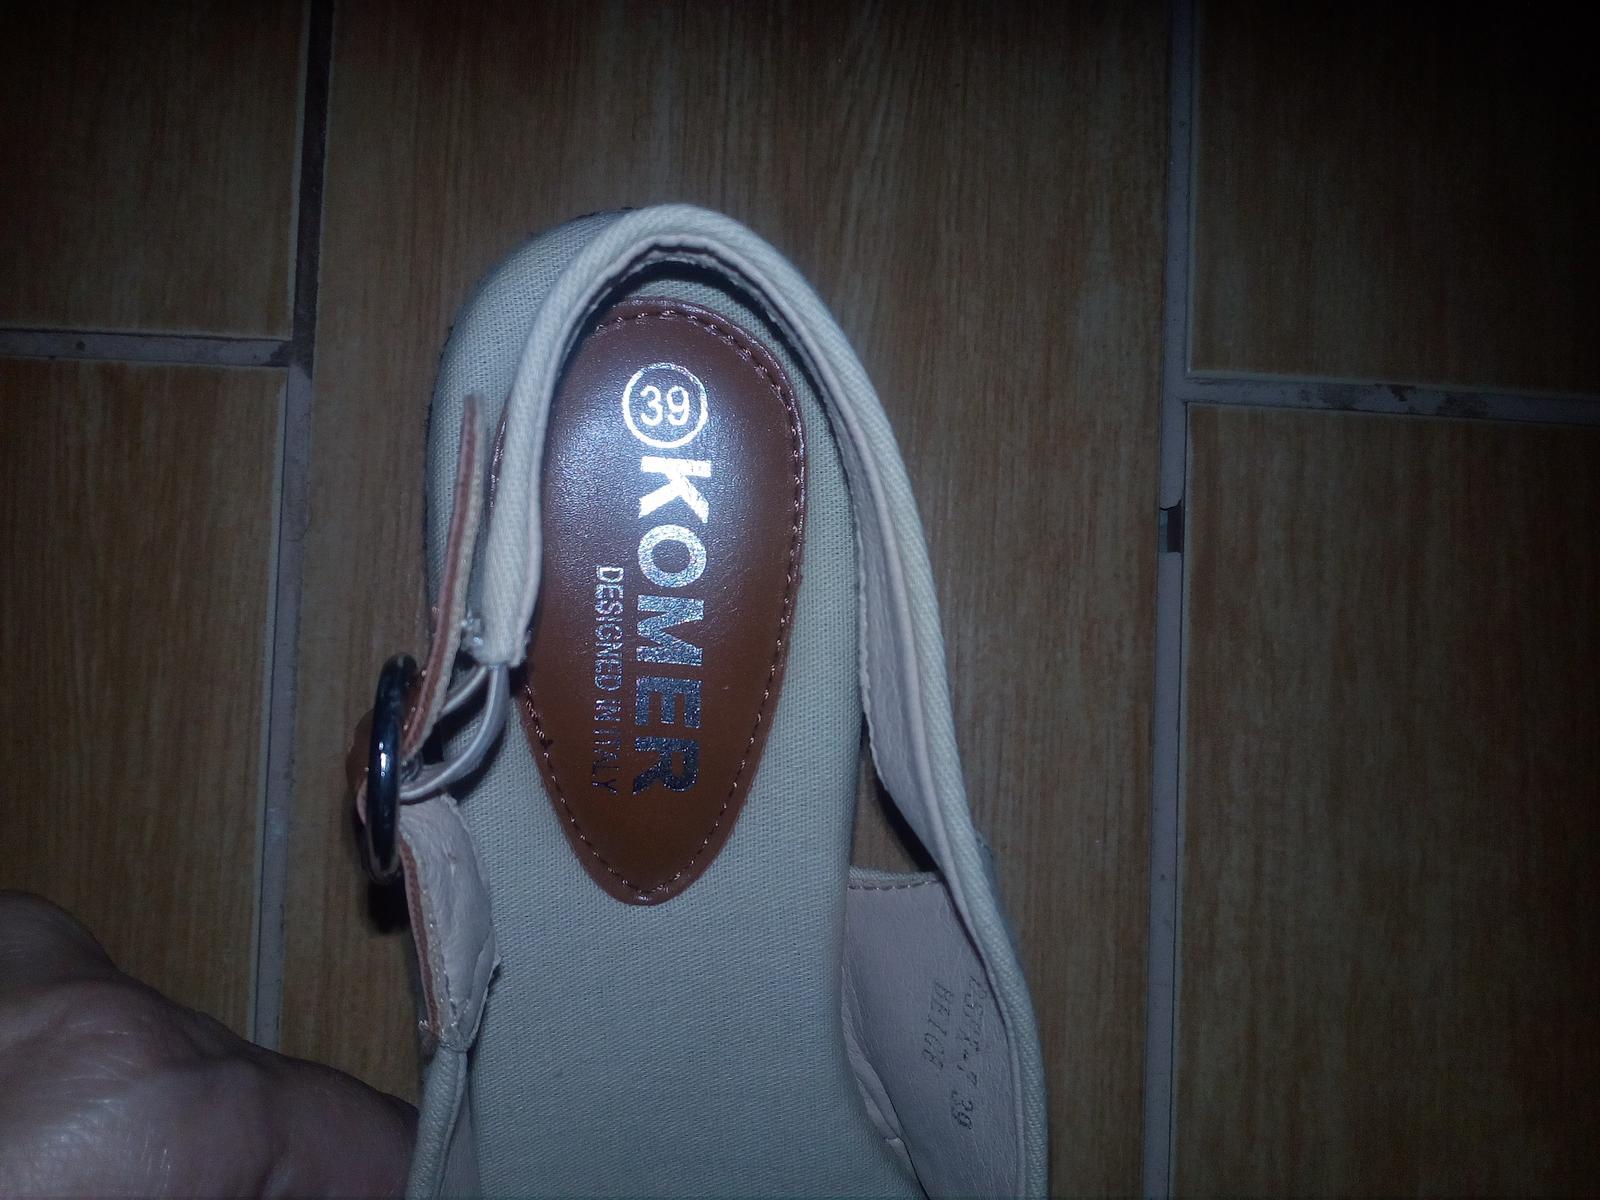 Dámske sandale - Obrázok č. 4